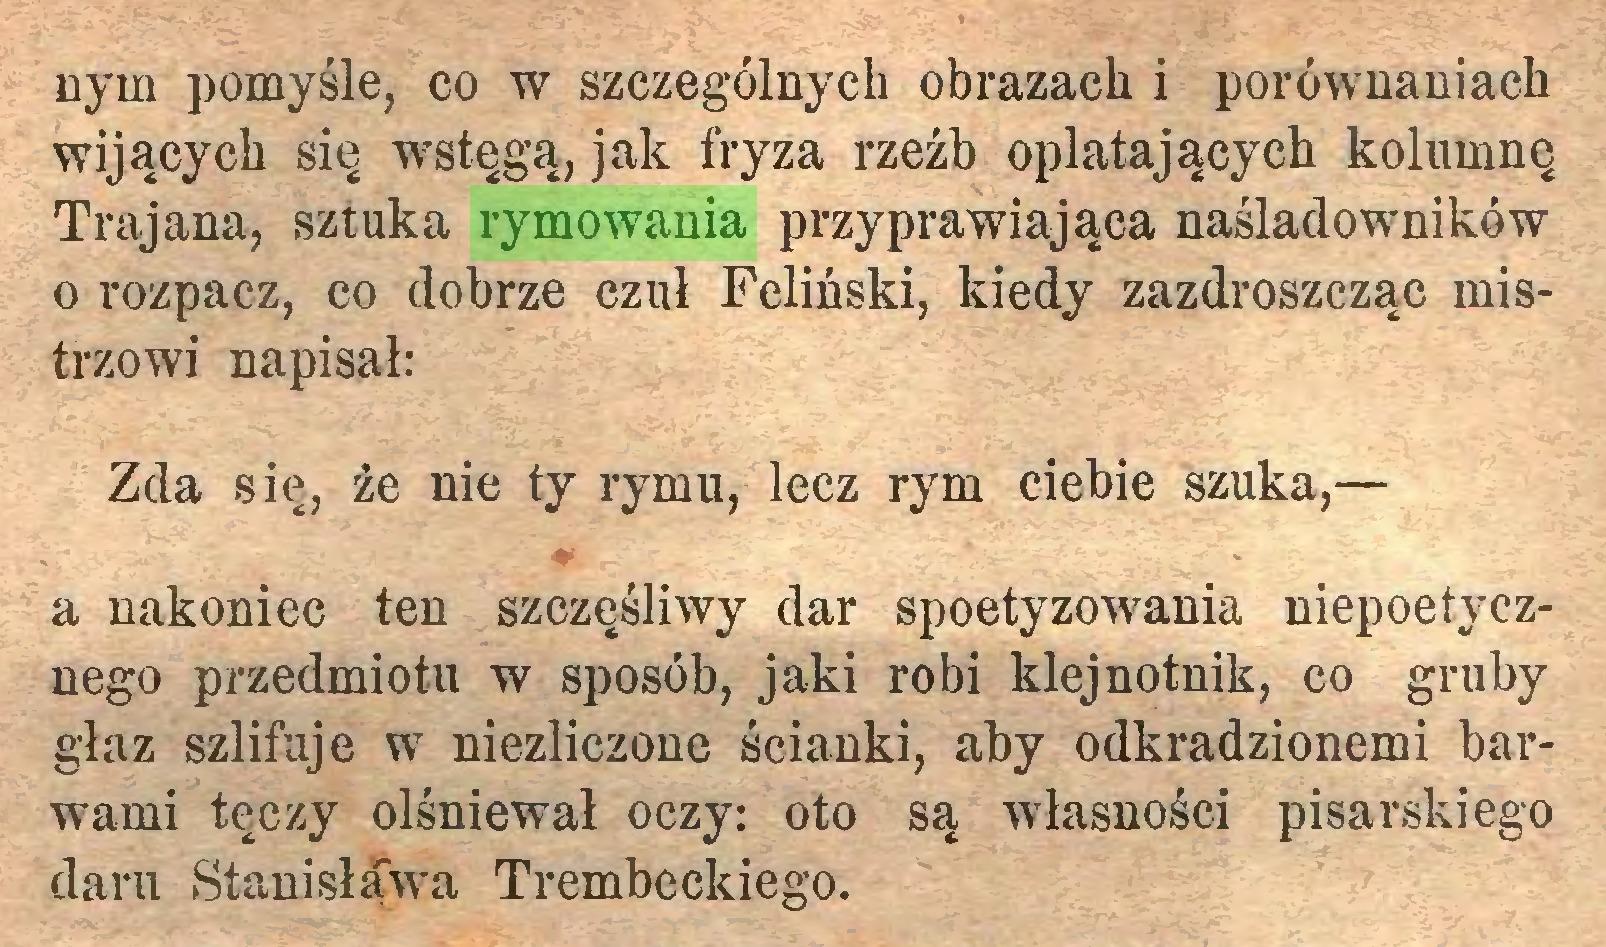 (...) nym pomyśle, co w szczególnych obrazach i porównaniach wijących się wstęgą, jak fryza rzeźb oplatających kolumnę Trajana, sztuka rymowania przyprawiająca naślaclowników o rozpacz, co dobrze czuł Feliński, kiedy zazdroszcząc mistrzowi napisał: Zda się, źe nie ty rymu, lecz rym ciebie szuka,— a nakoniec ten szczęśliwy dar spoetyzowania niepoetyczuego przedmiotu w sposób, jaki robi klejnotnik, co gruby głaz szlifuje w niezliczone ścianki, aby odkradzionemi barwami tęczy olśniewał oczy: oto są własności pisarskiego daru Stanisława Trembeckiego...